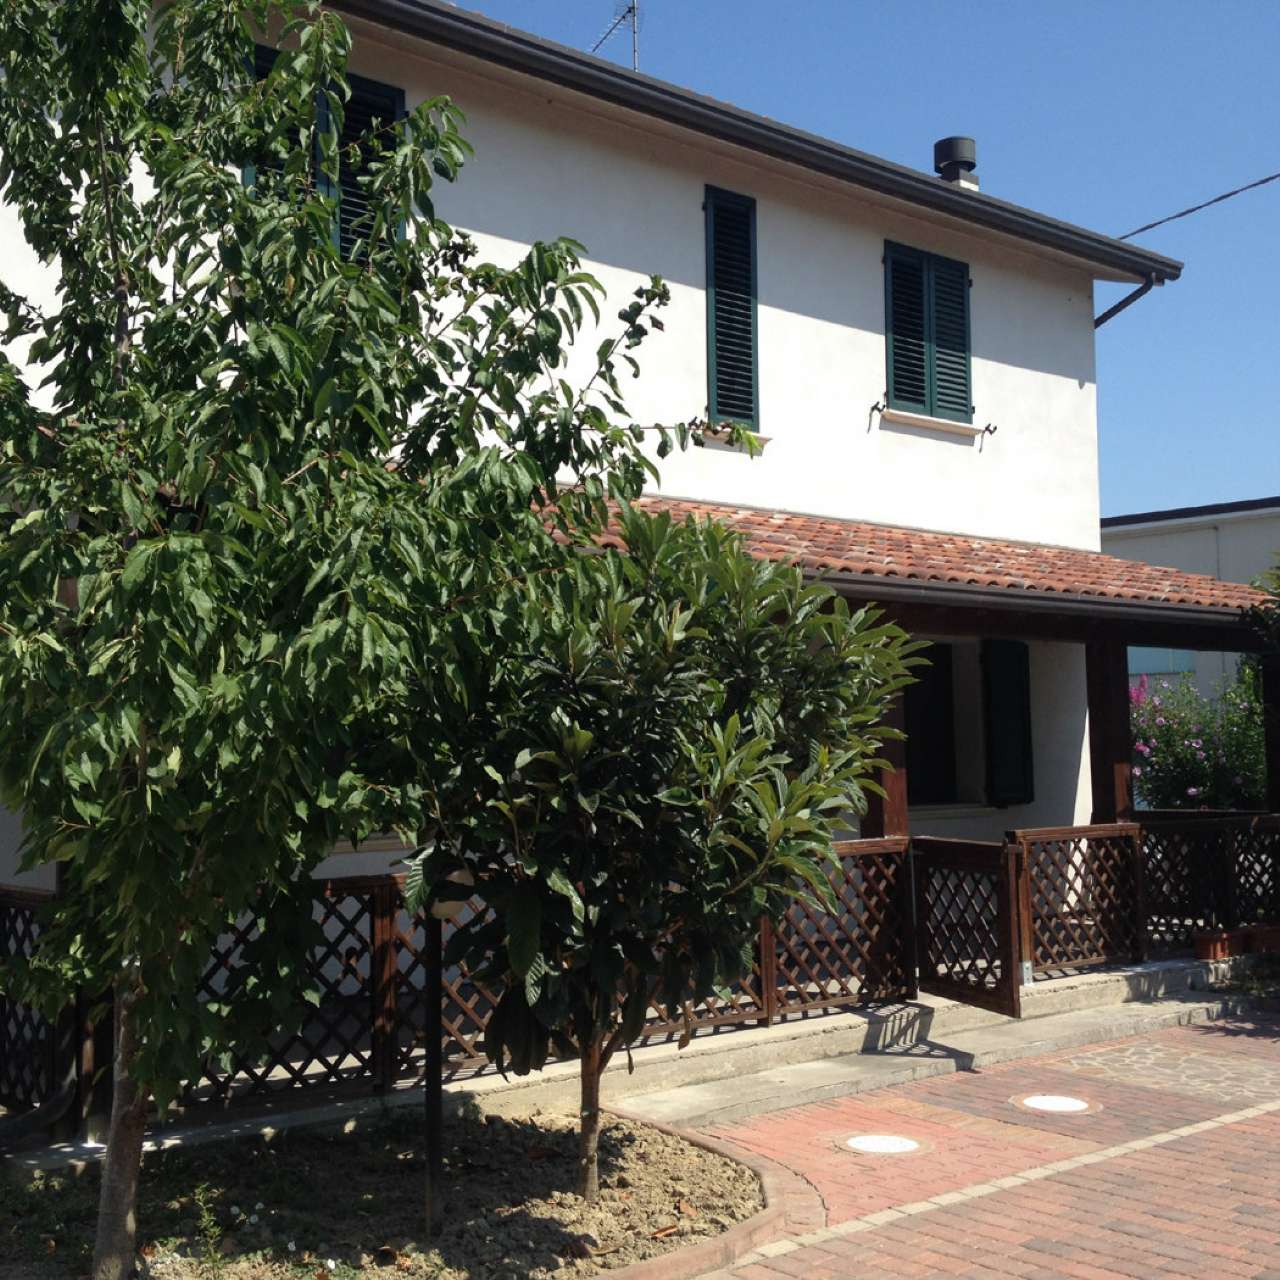 Villa in Vendita a Russi Centro: 4 locali, 220 mq